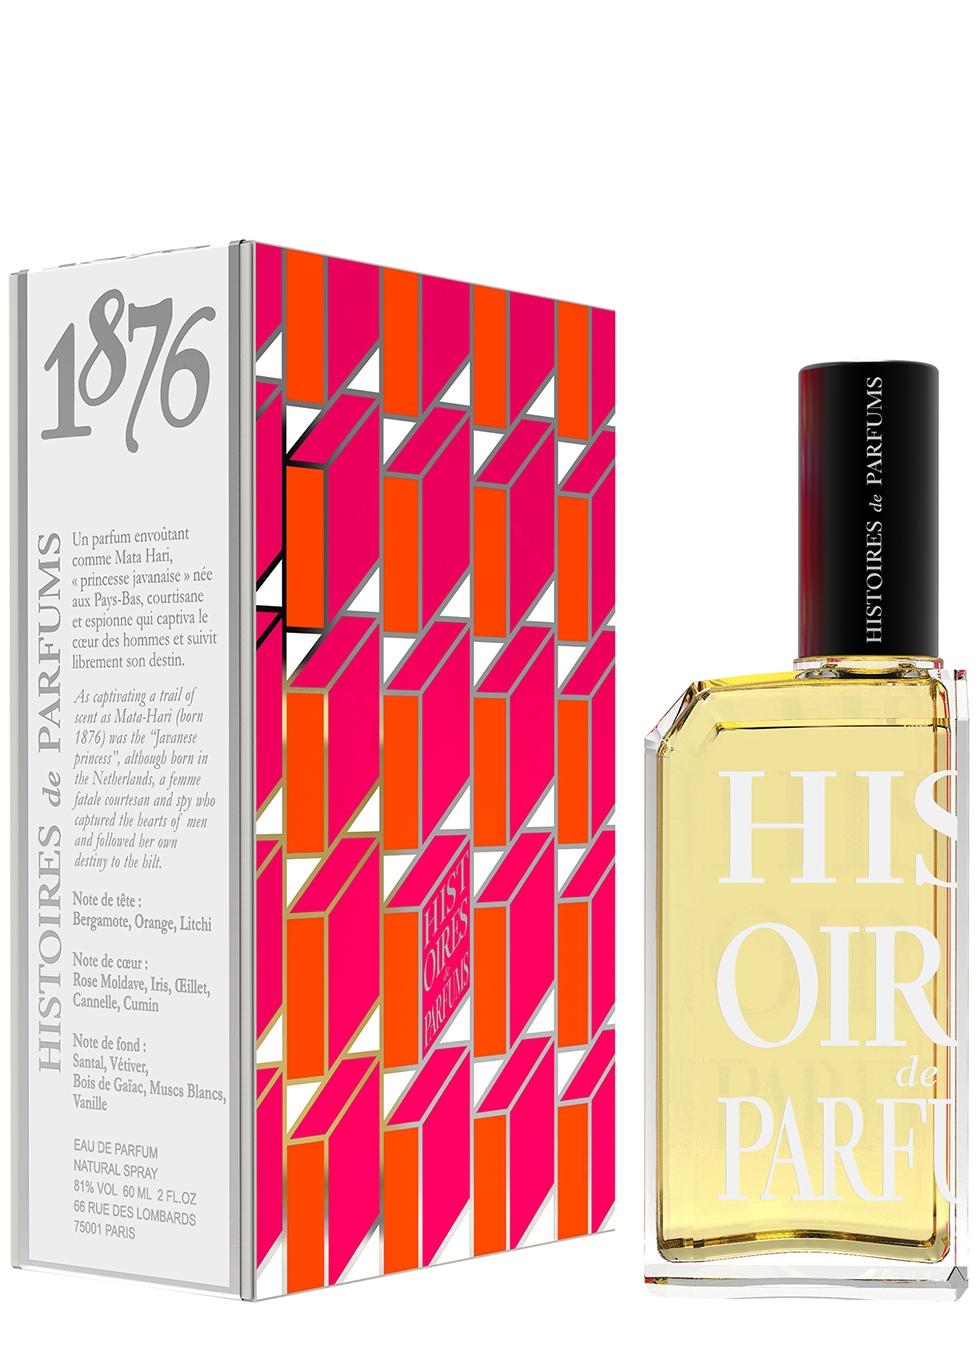 1826 Eau De Parfum 120ml - Histoires de Parfums